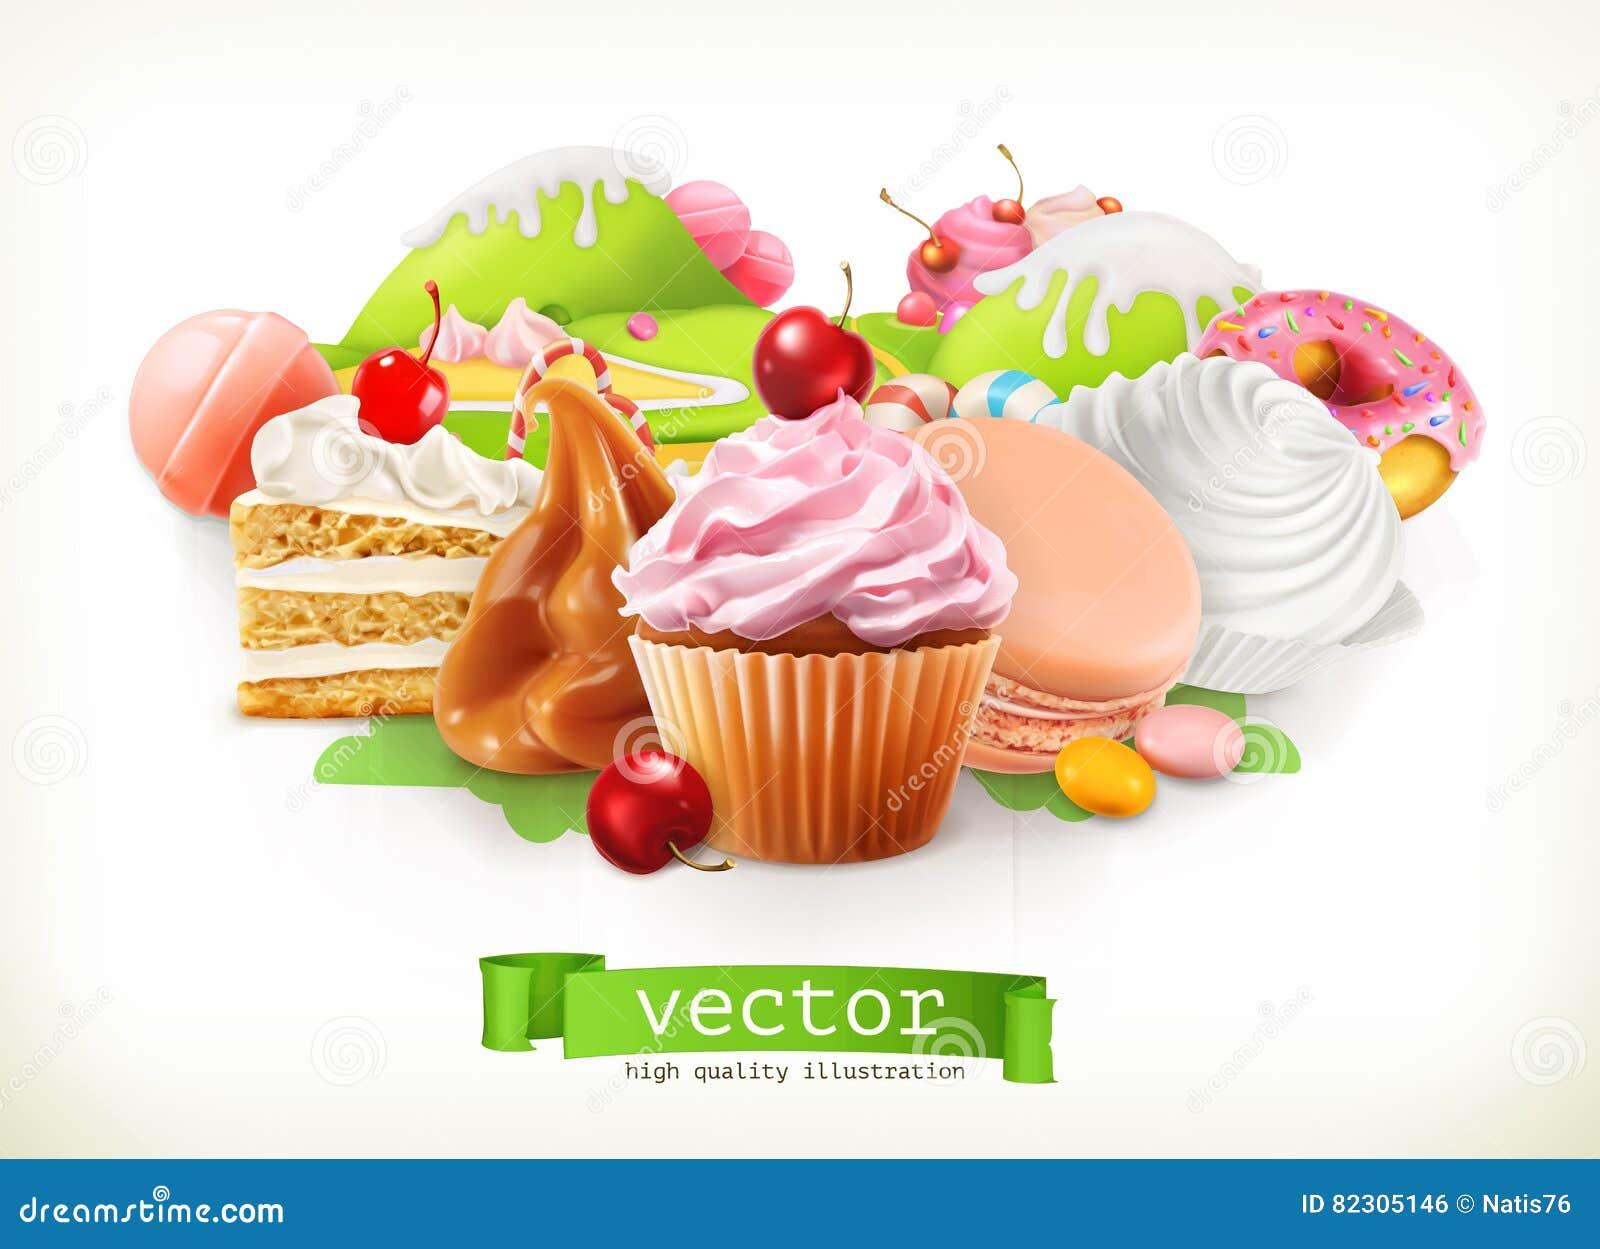 γλυκό καταστημάτων Βιομηχανία ζαχαρωδών προϊόντων και επιδόρπια, κέικ, cupcake, καραμέλα, καραμέλα επίσης corel σύρετε το διάνυσμ